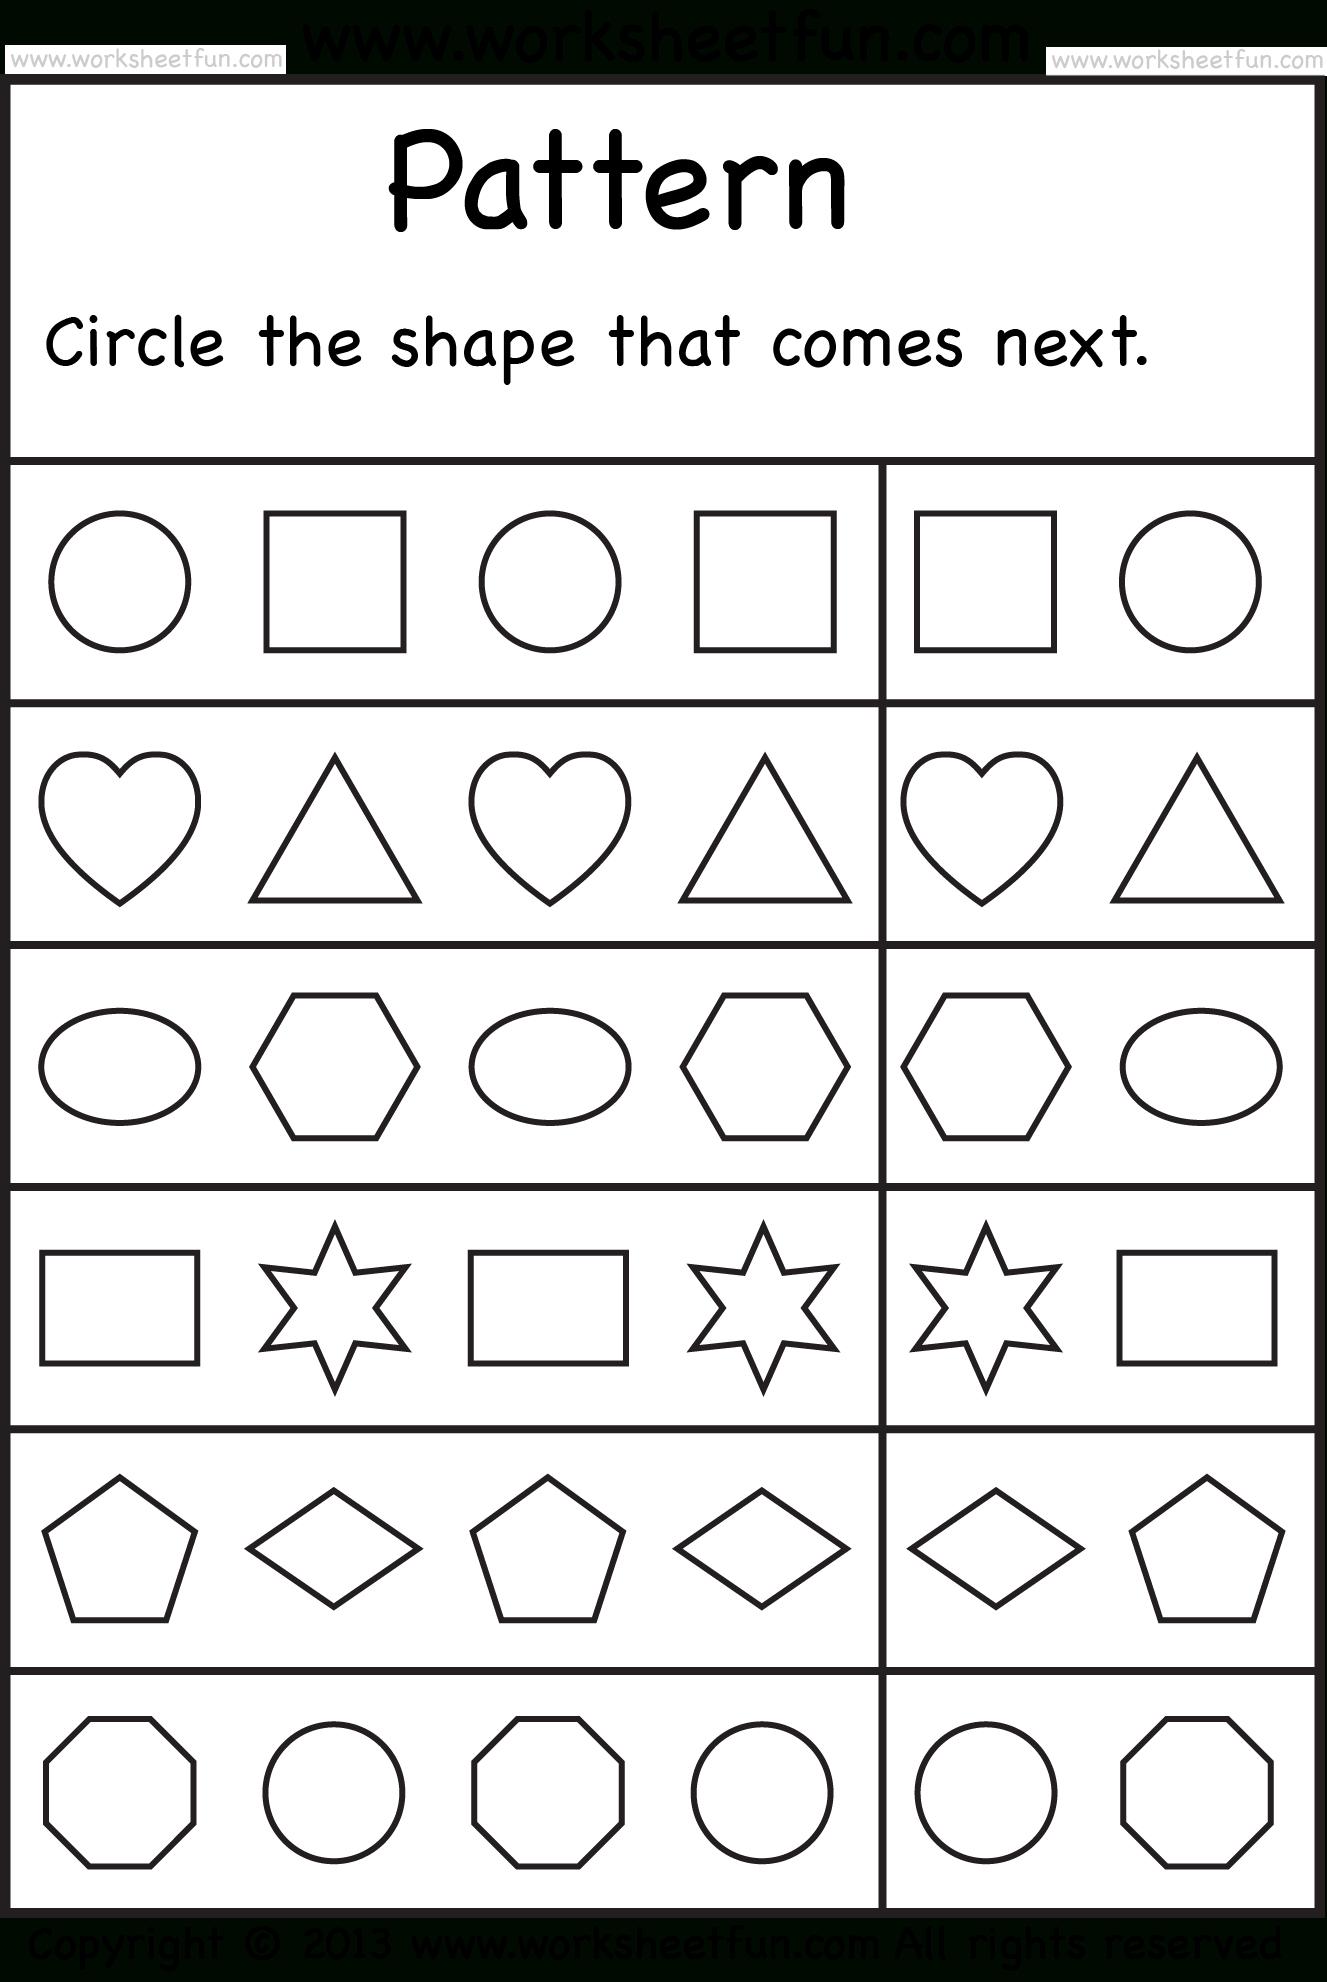 Free Printable Worksheets – Worksheetfun / Free Printable - Free Printable Worksheets For Kindergarten